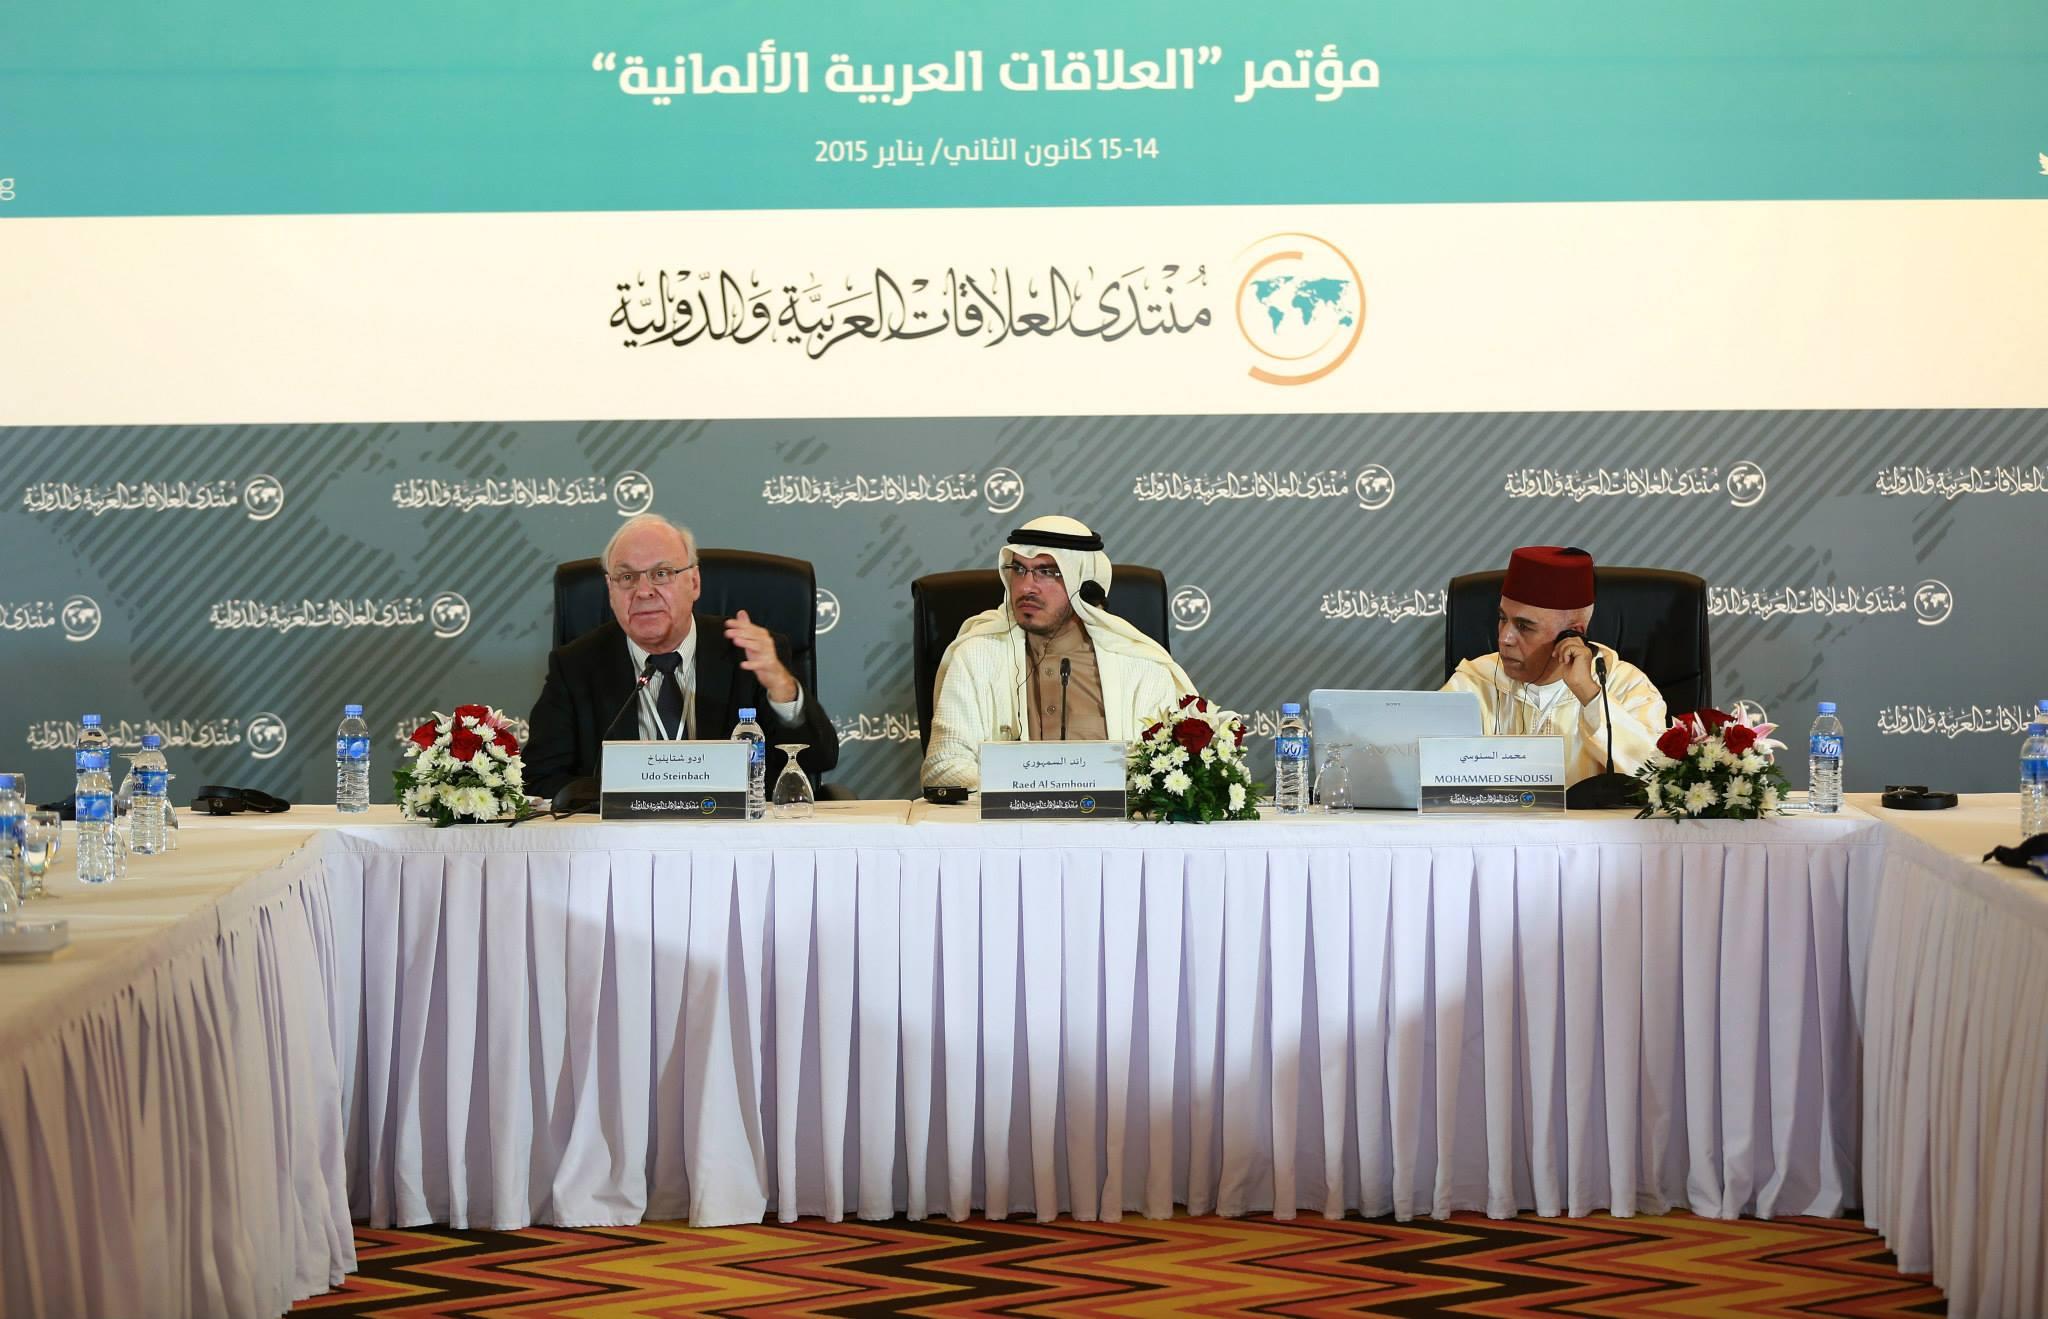 مؤتمر العلاقات العربية الألمانية